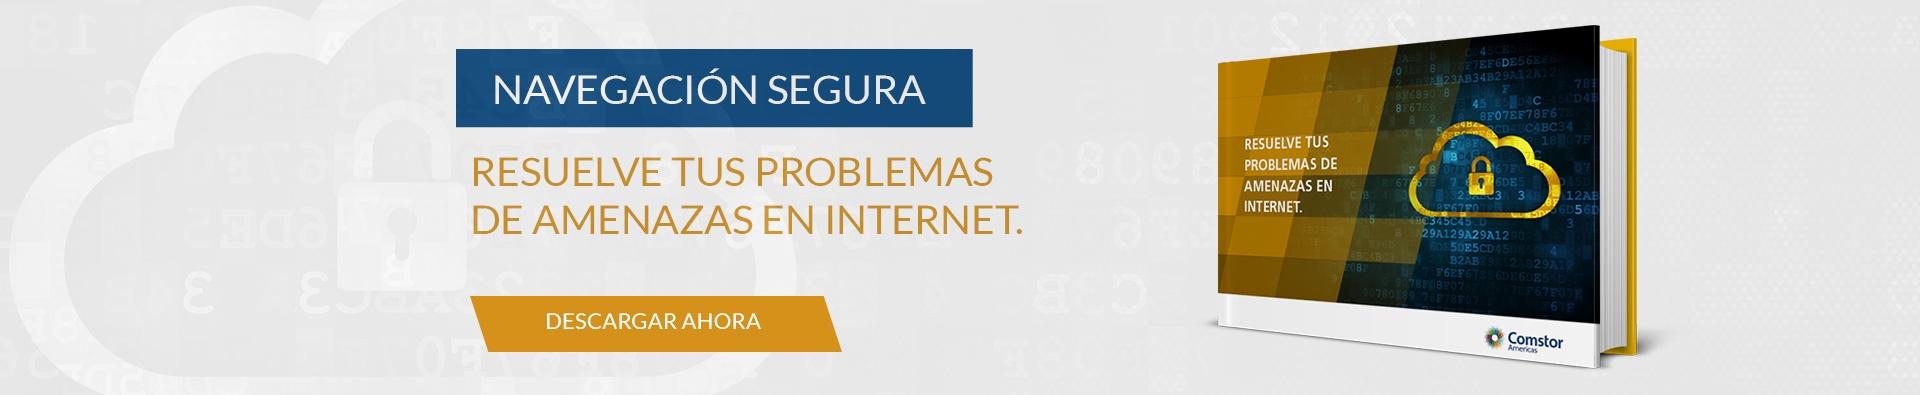 Resuelve tus problemas de amenazas en Internet